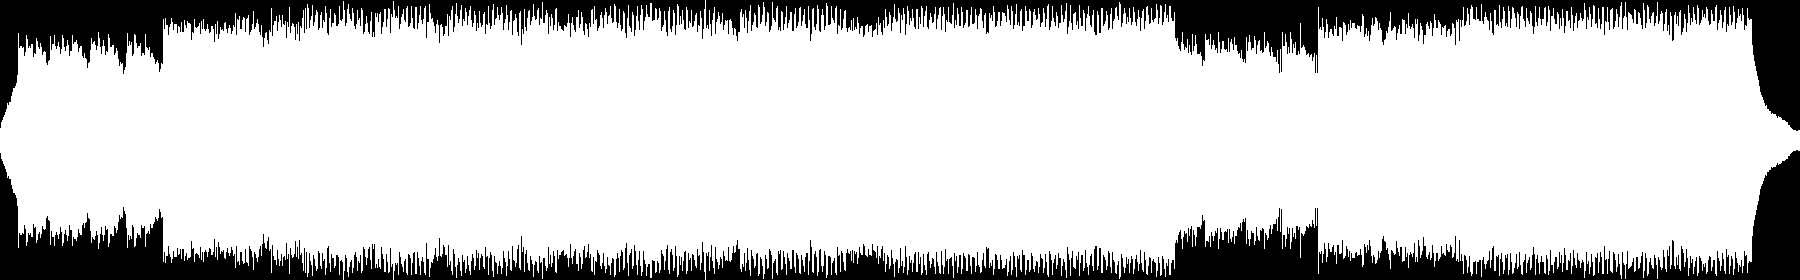 Helios audio waveform